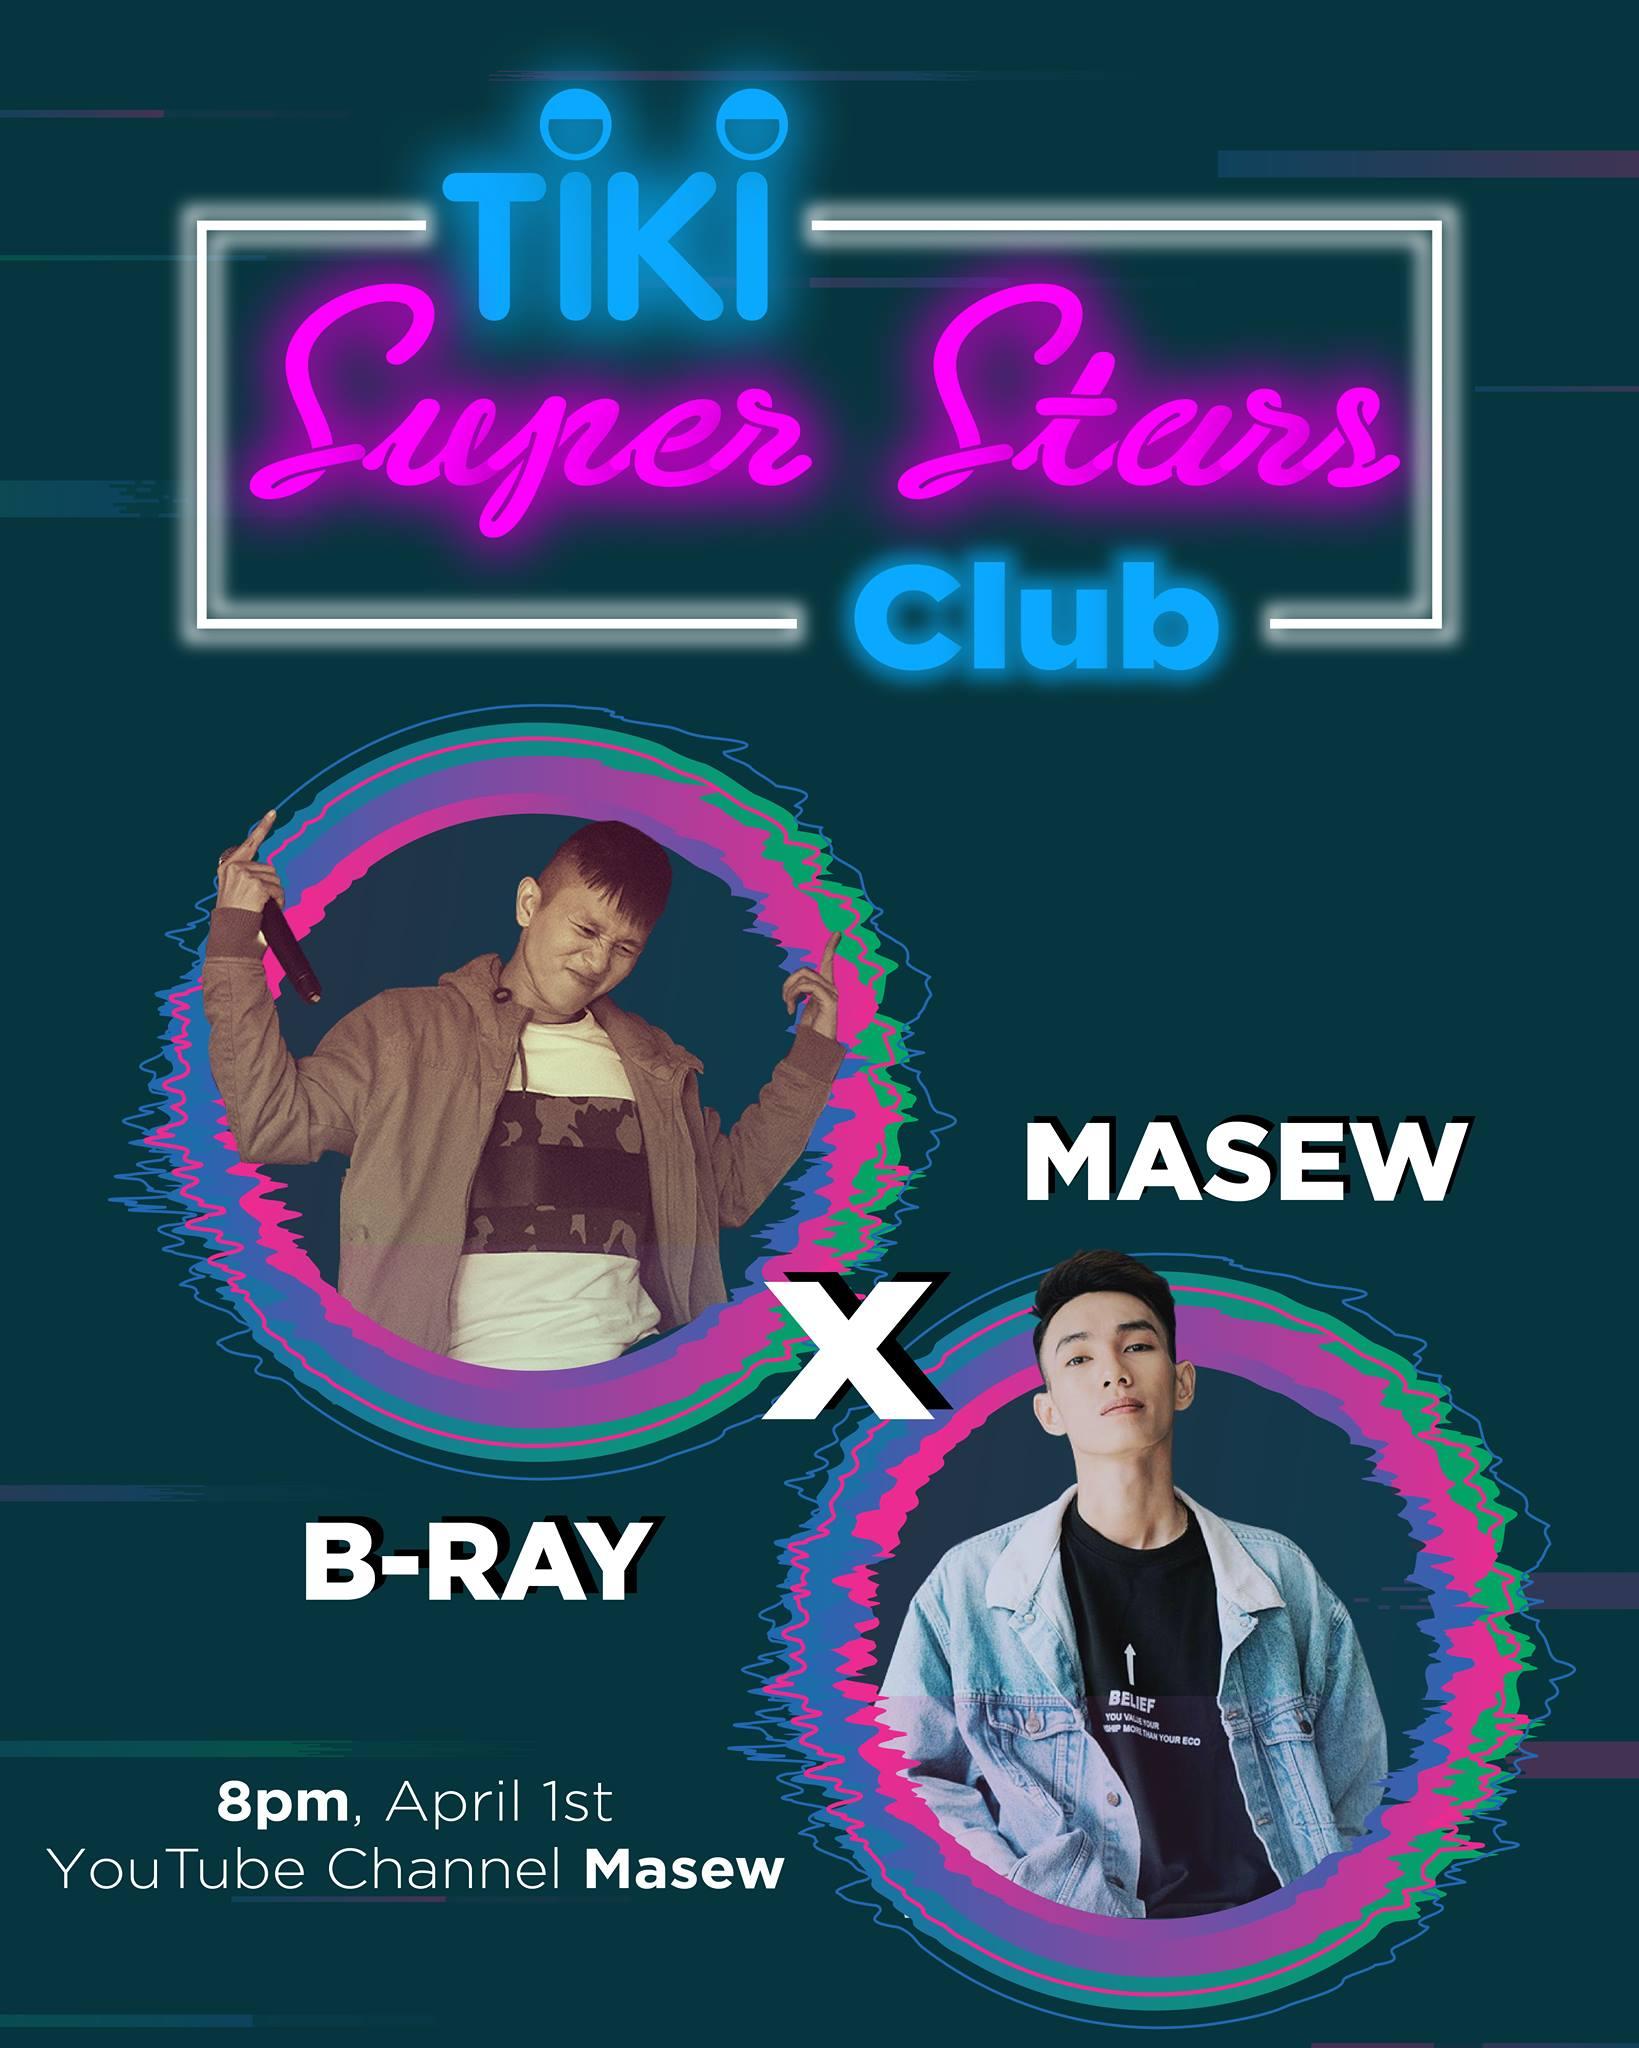 """Mở màn chiến dịch với MV """"Lửng lơ"""" của Masew và B-Ray"""